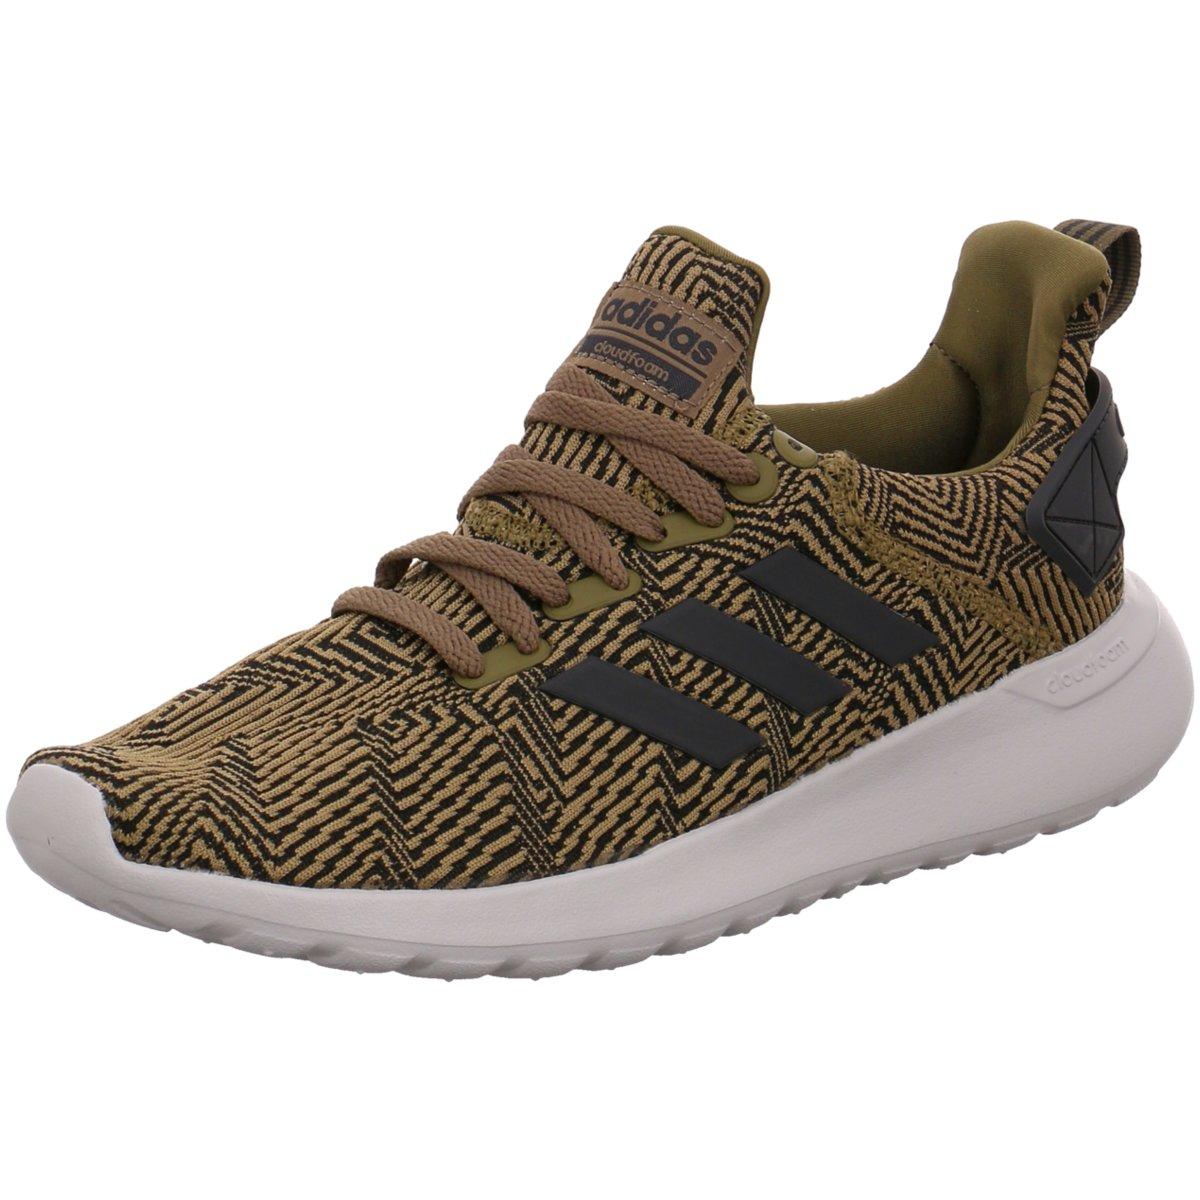 Details zu Sneaker 423776 adidas Racer 1611 oliv Damen DB Lite n0wOkP